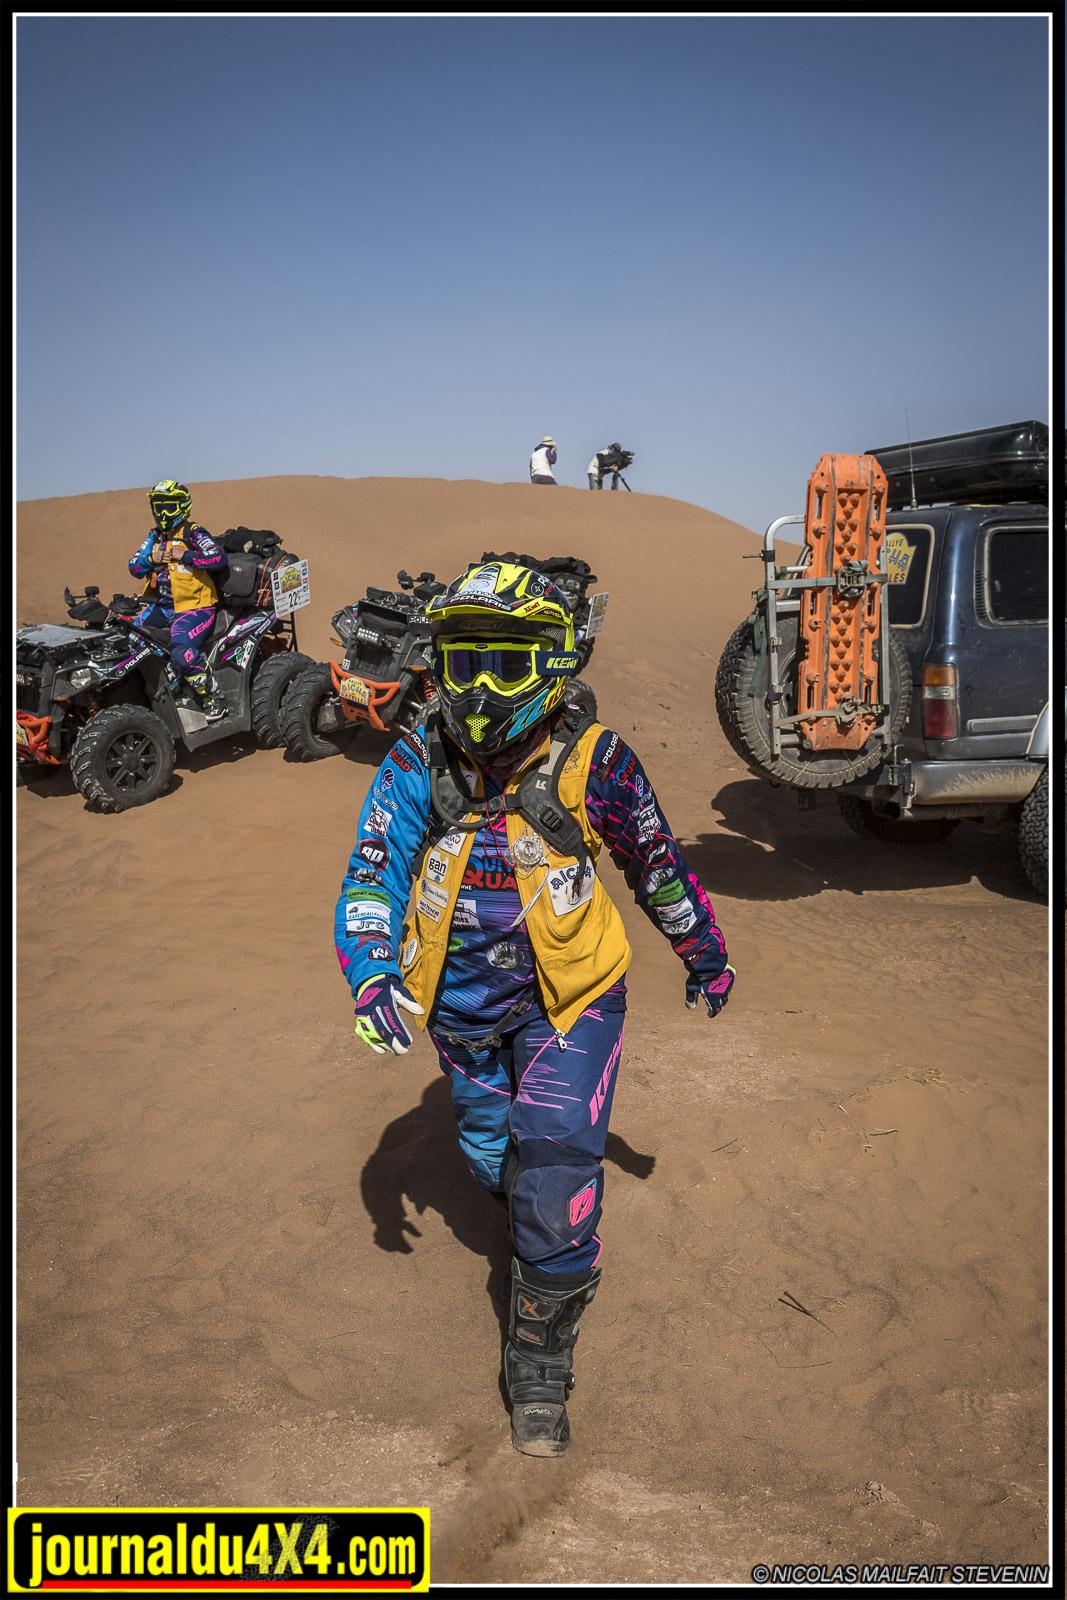 rallye-aicha-gazelles-maroc-2017-7144.jpg